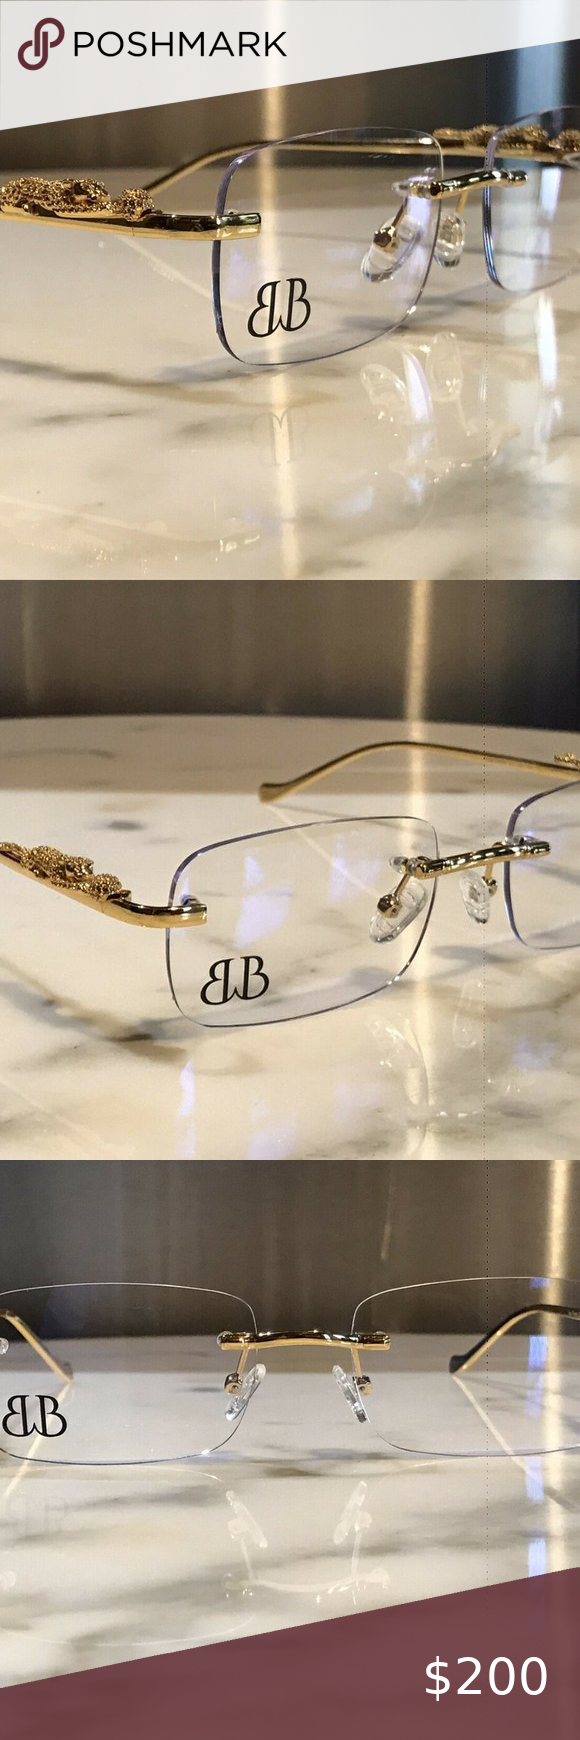 Braglia Glasses Sunglasses Eyeglasses Frame Sunglasses Eyeglasses Eyeglasses Frames Eyeglasses